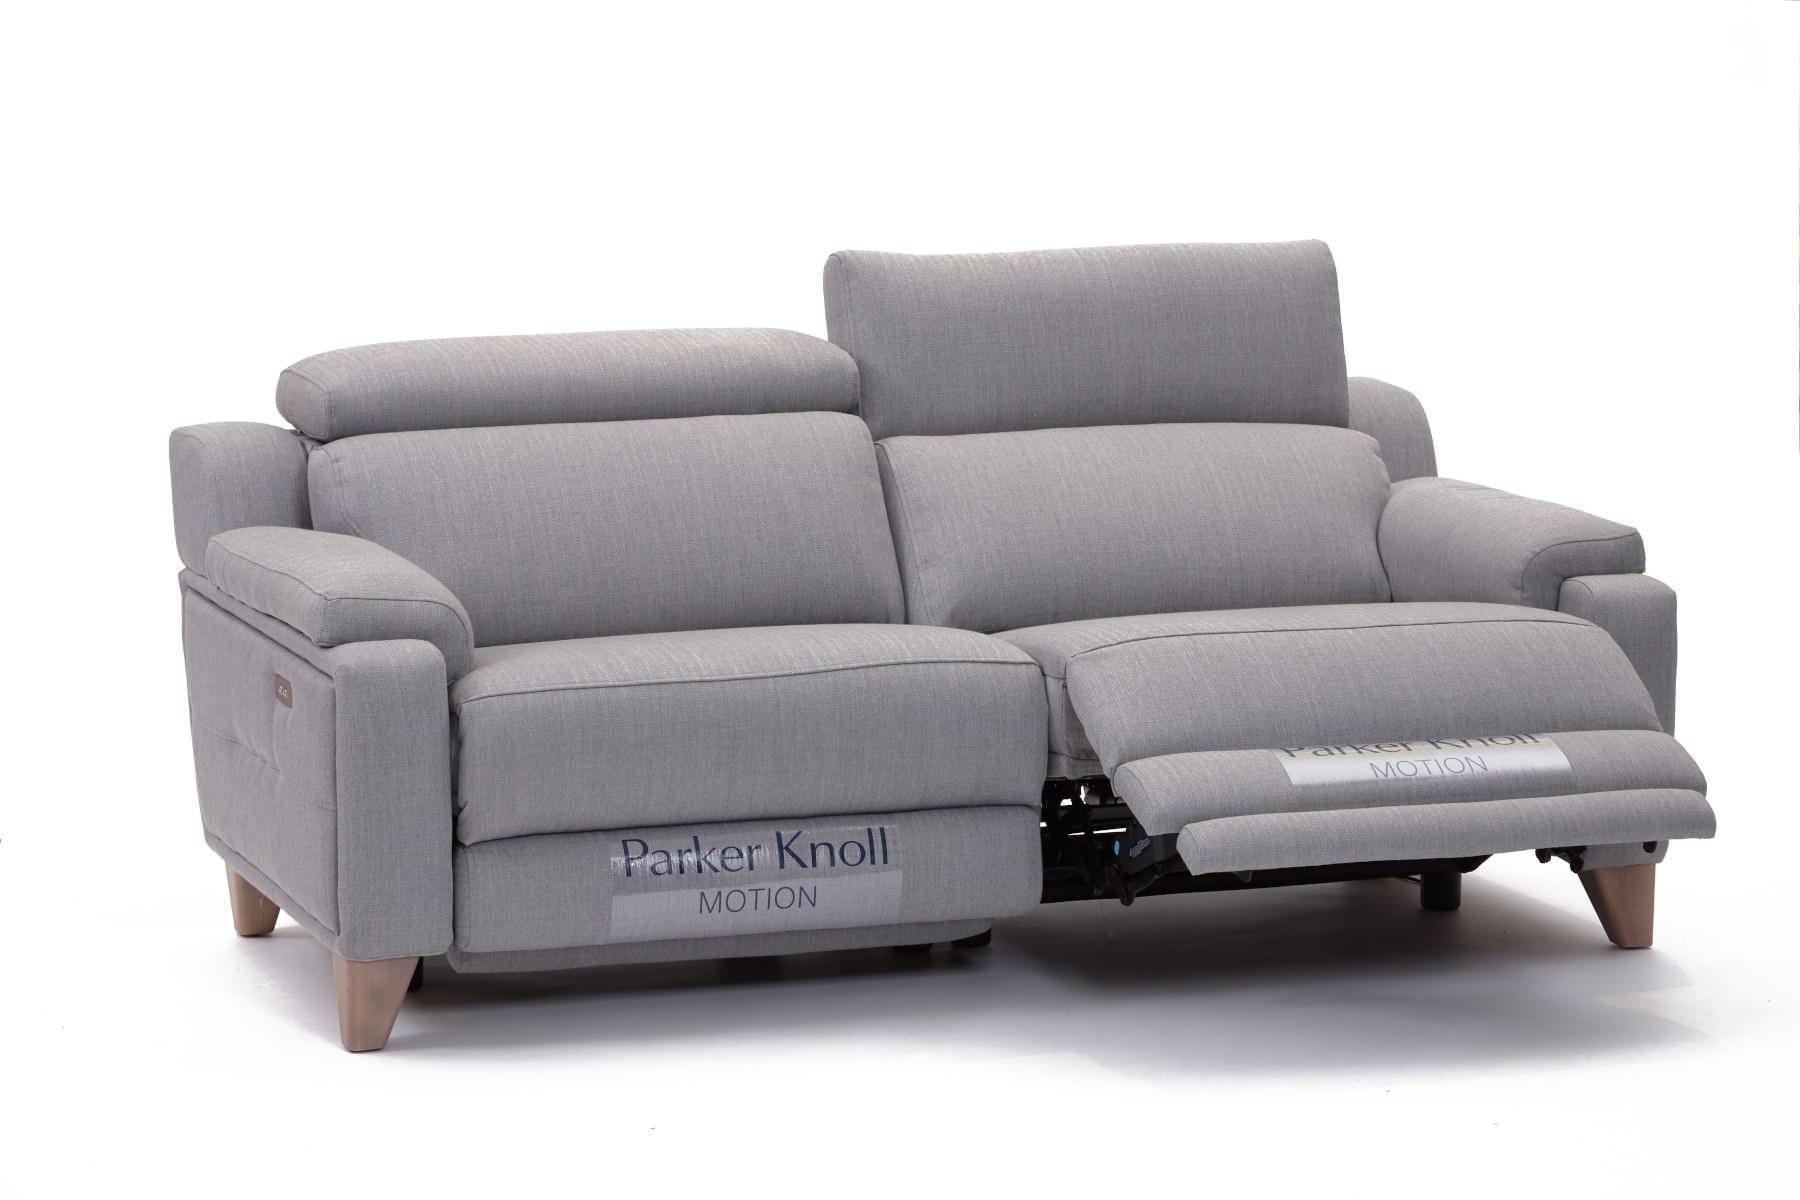 Parker Knoll Design 1701 Evolution 2 Seater Sofa